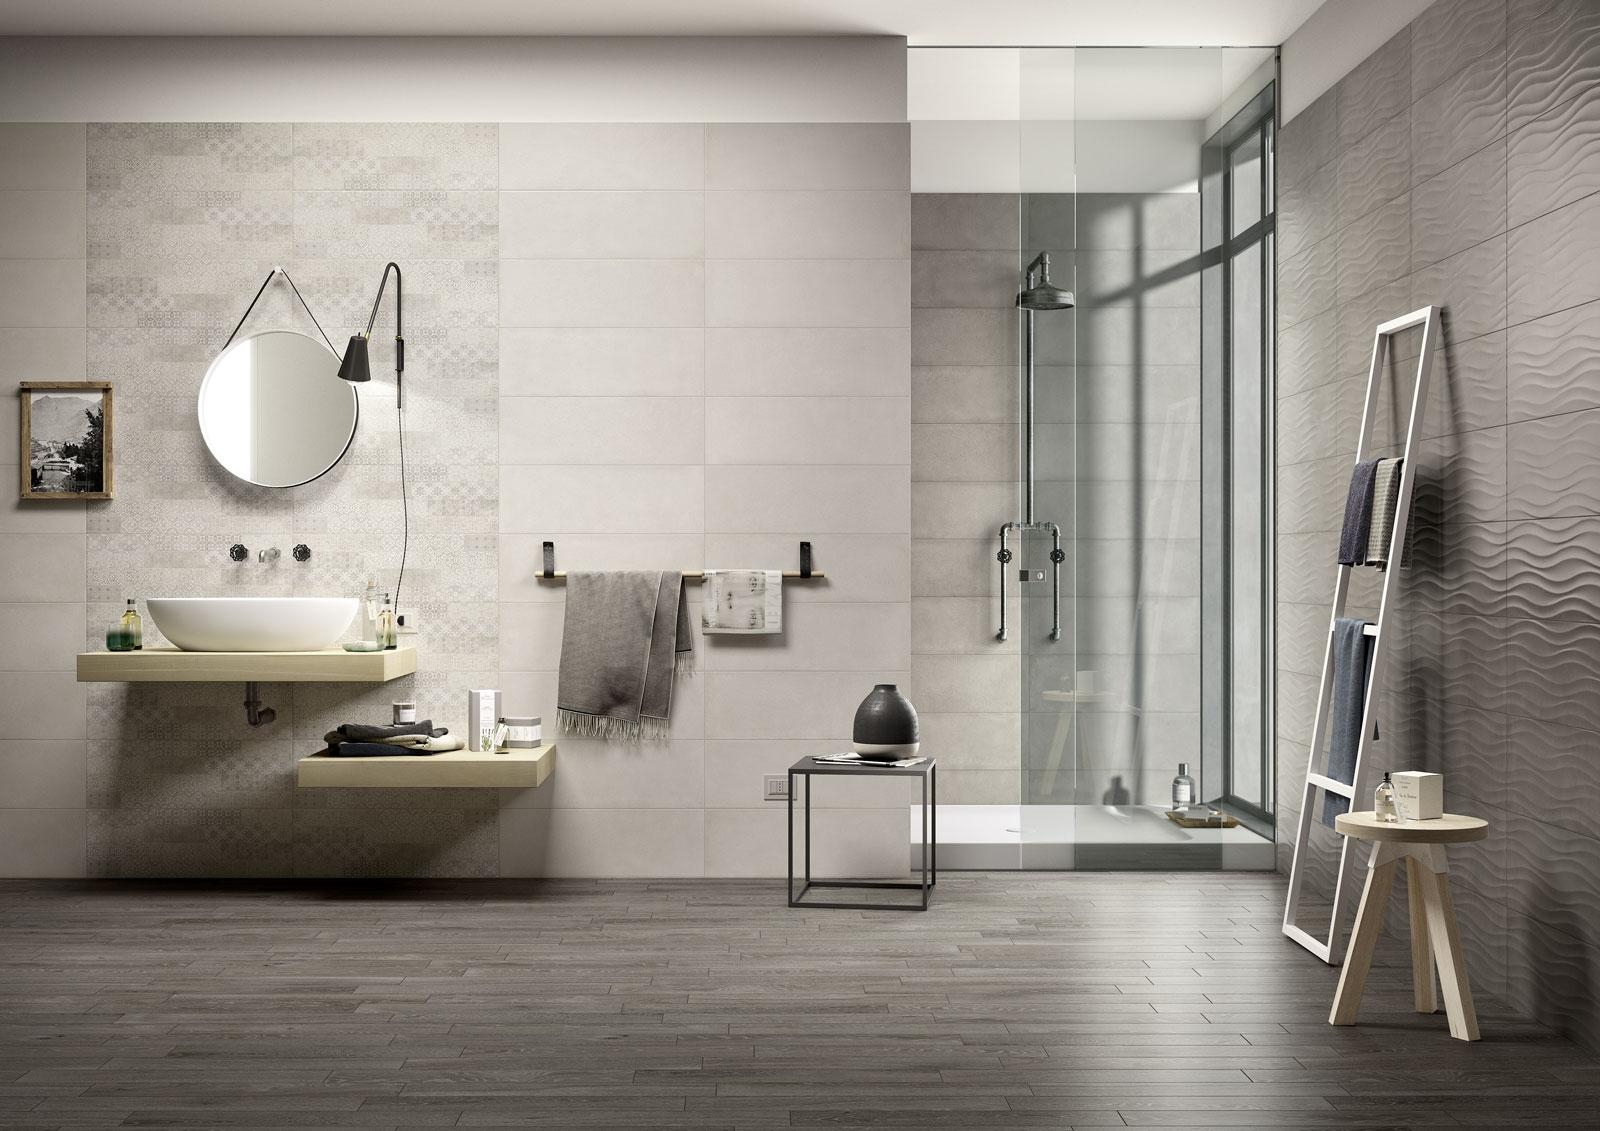 Clayline rivestimento per bagno marazzi - Piastrelle rivestimento bagno ...